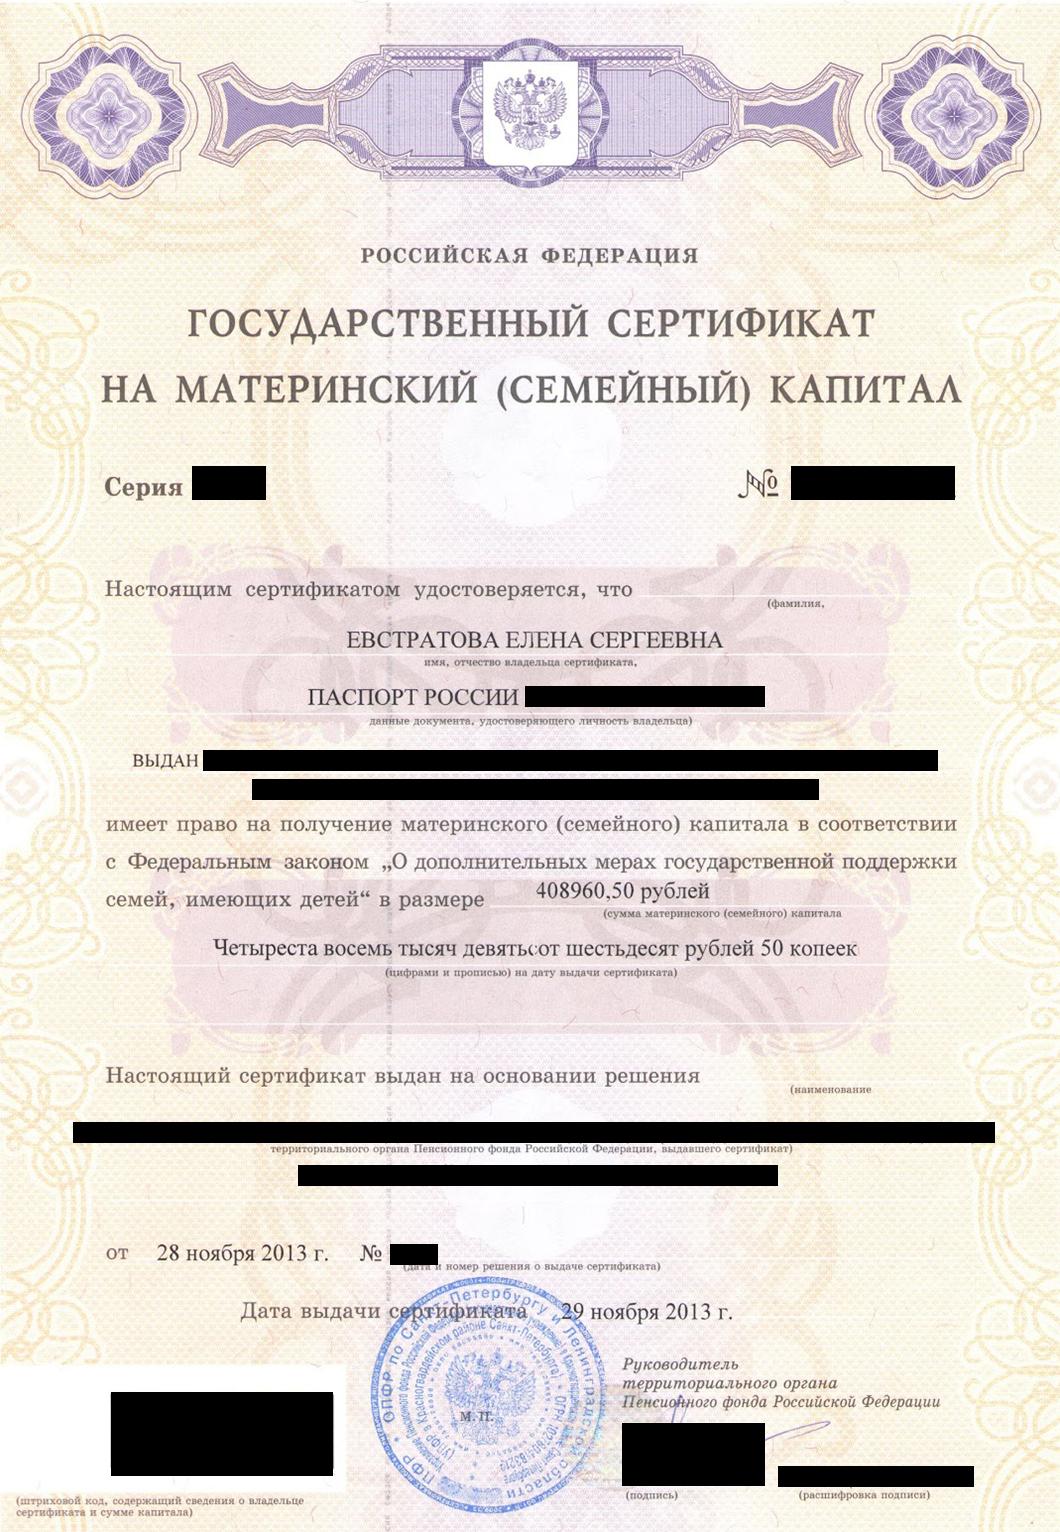 Что такое обременение на квартиру купленную за материнский капитал. uristtop.ru